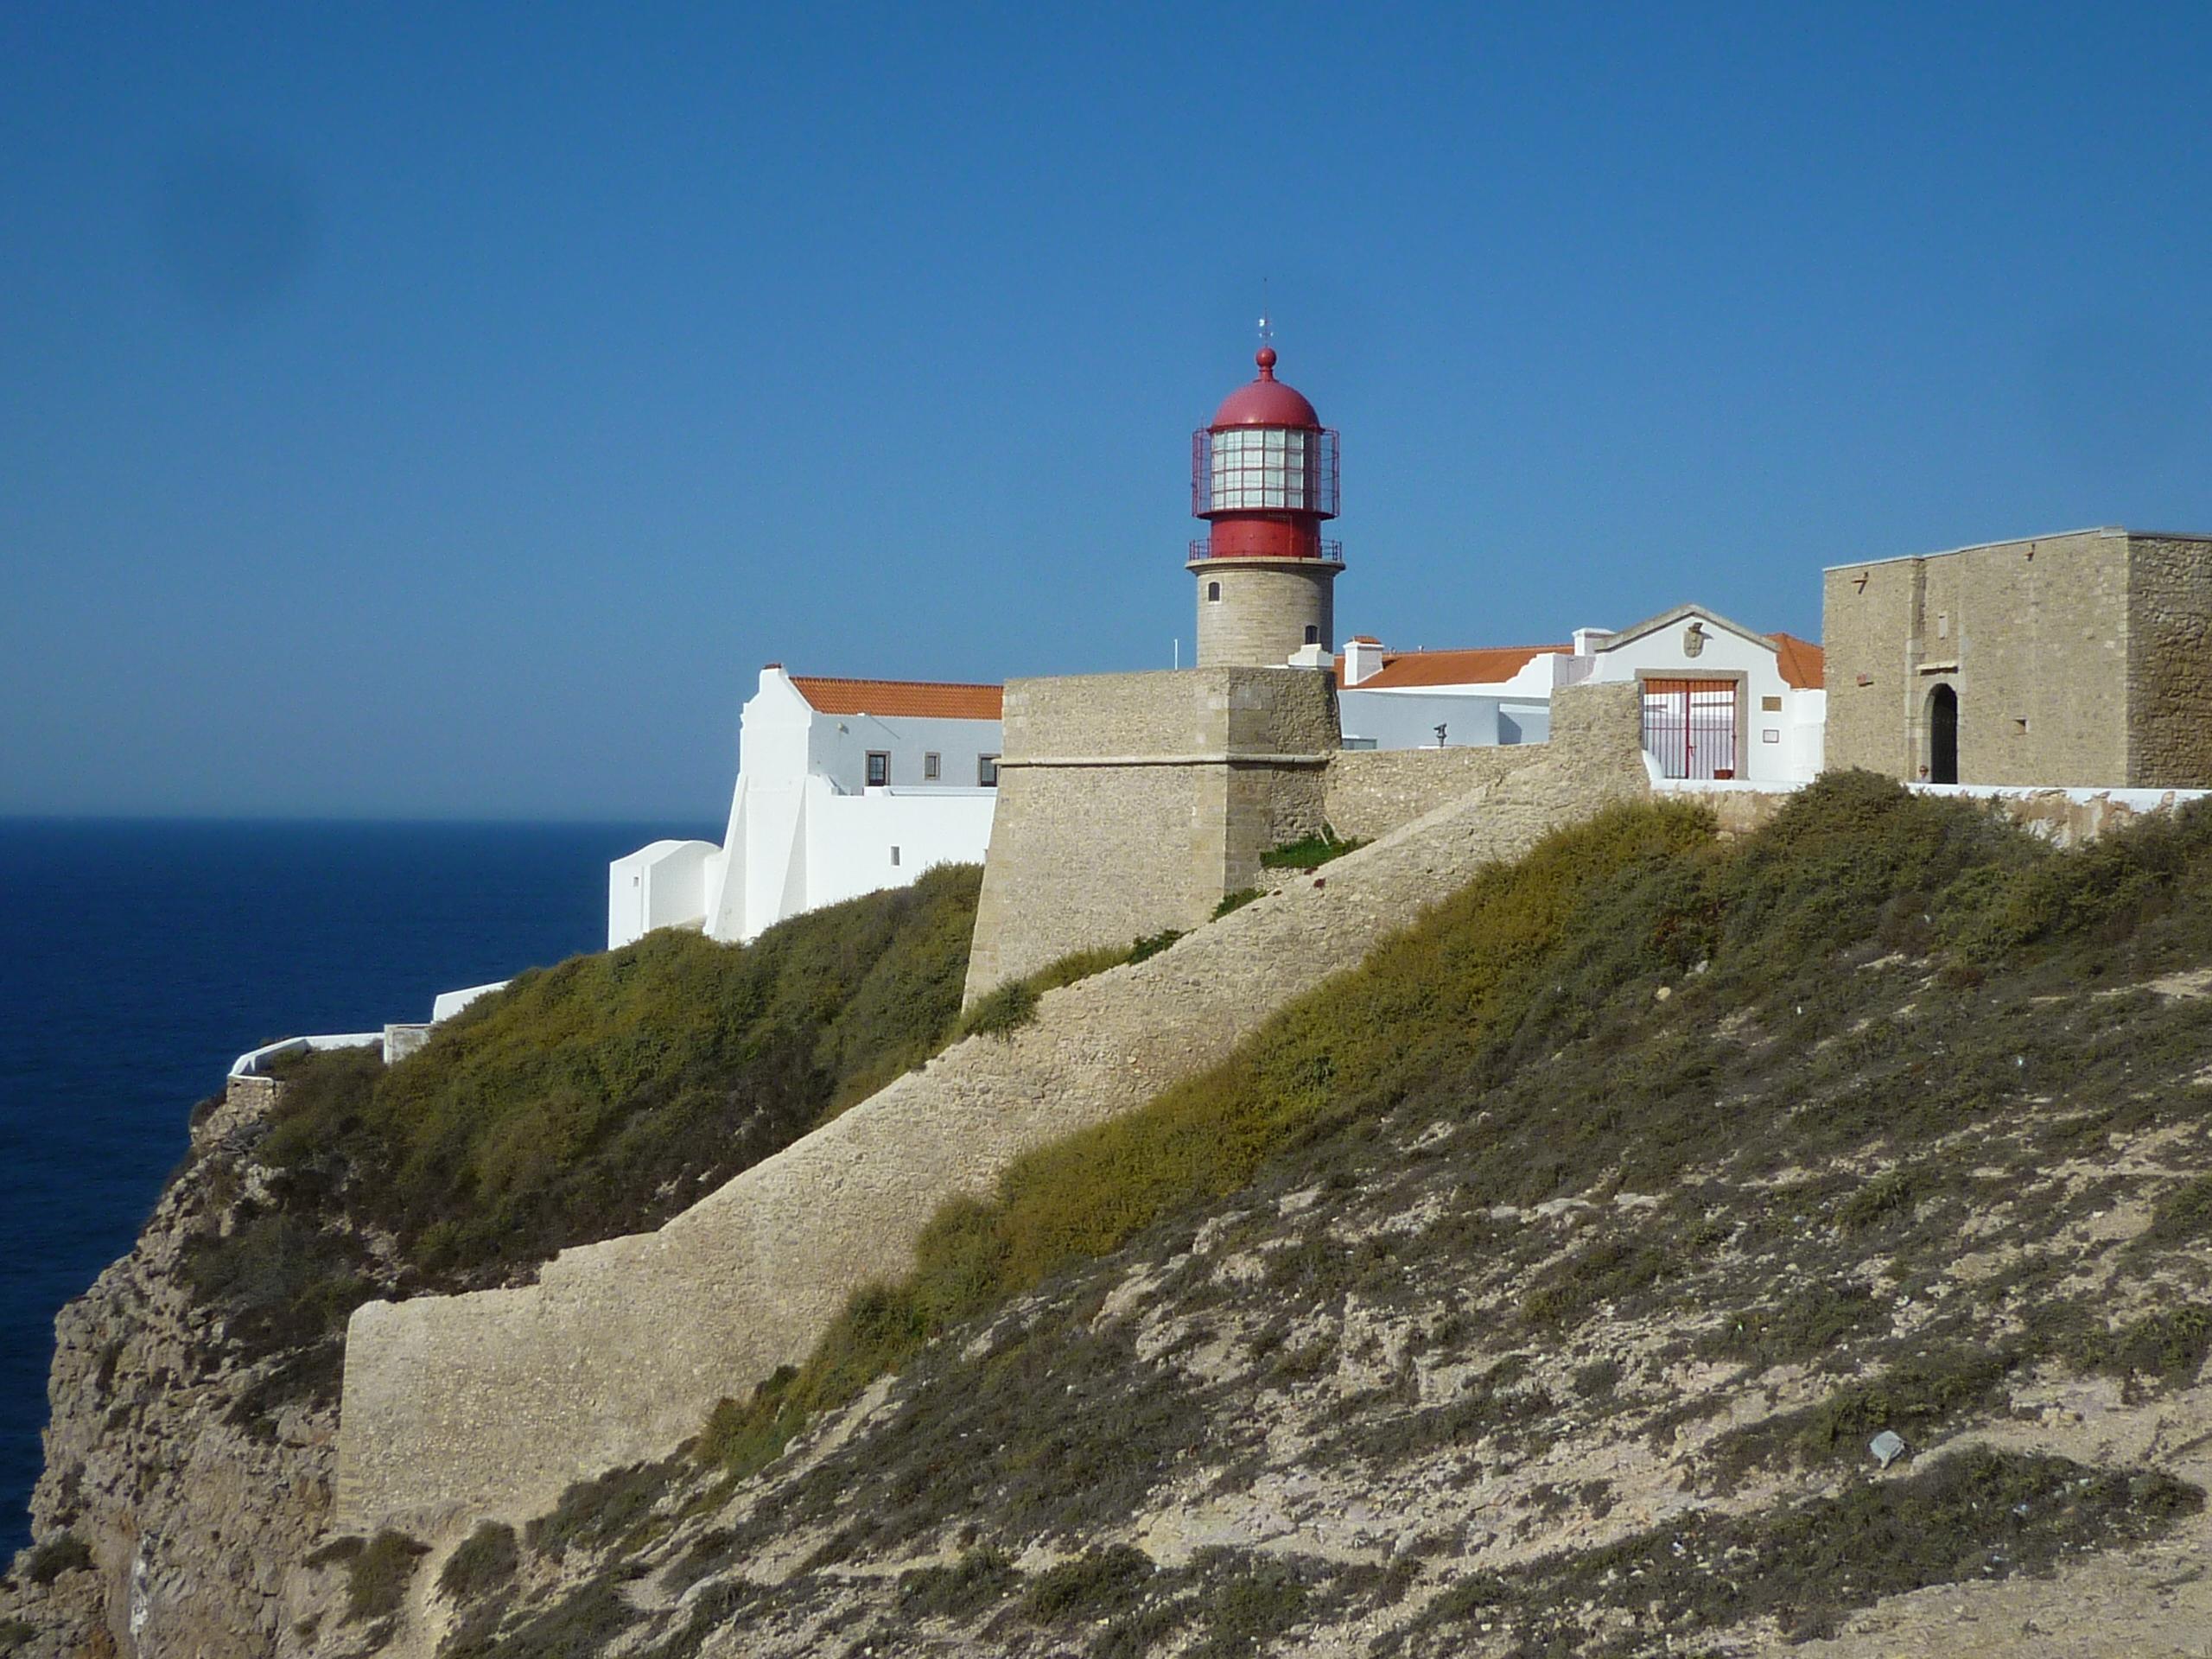 Portugal 5 razones por las que sagres y el cabo san vicente me parecen imprescindibles - Cabo san vicente portugal ...